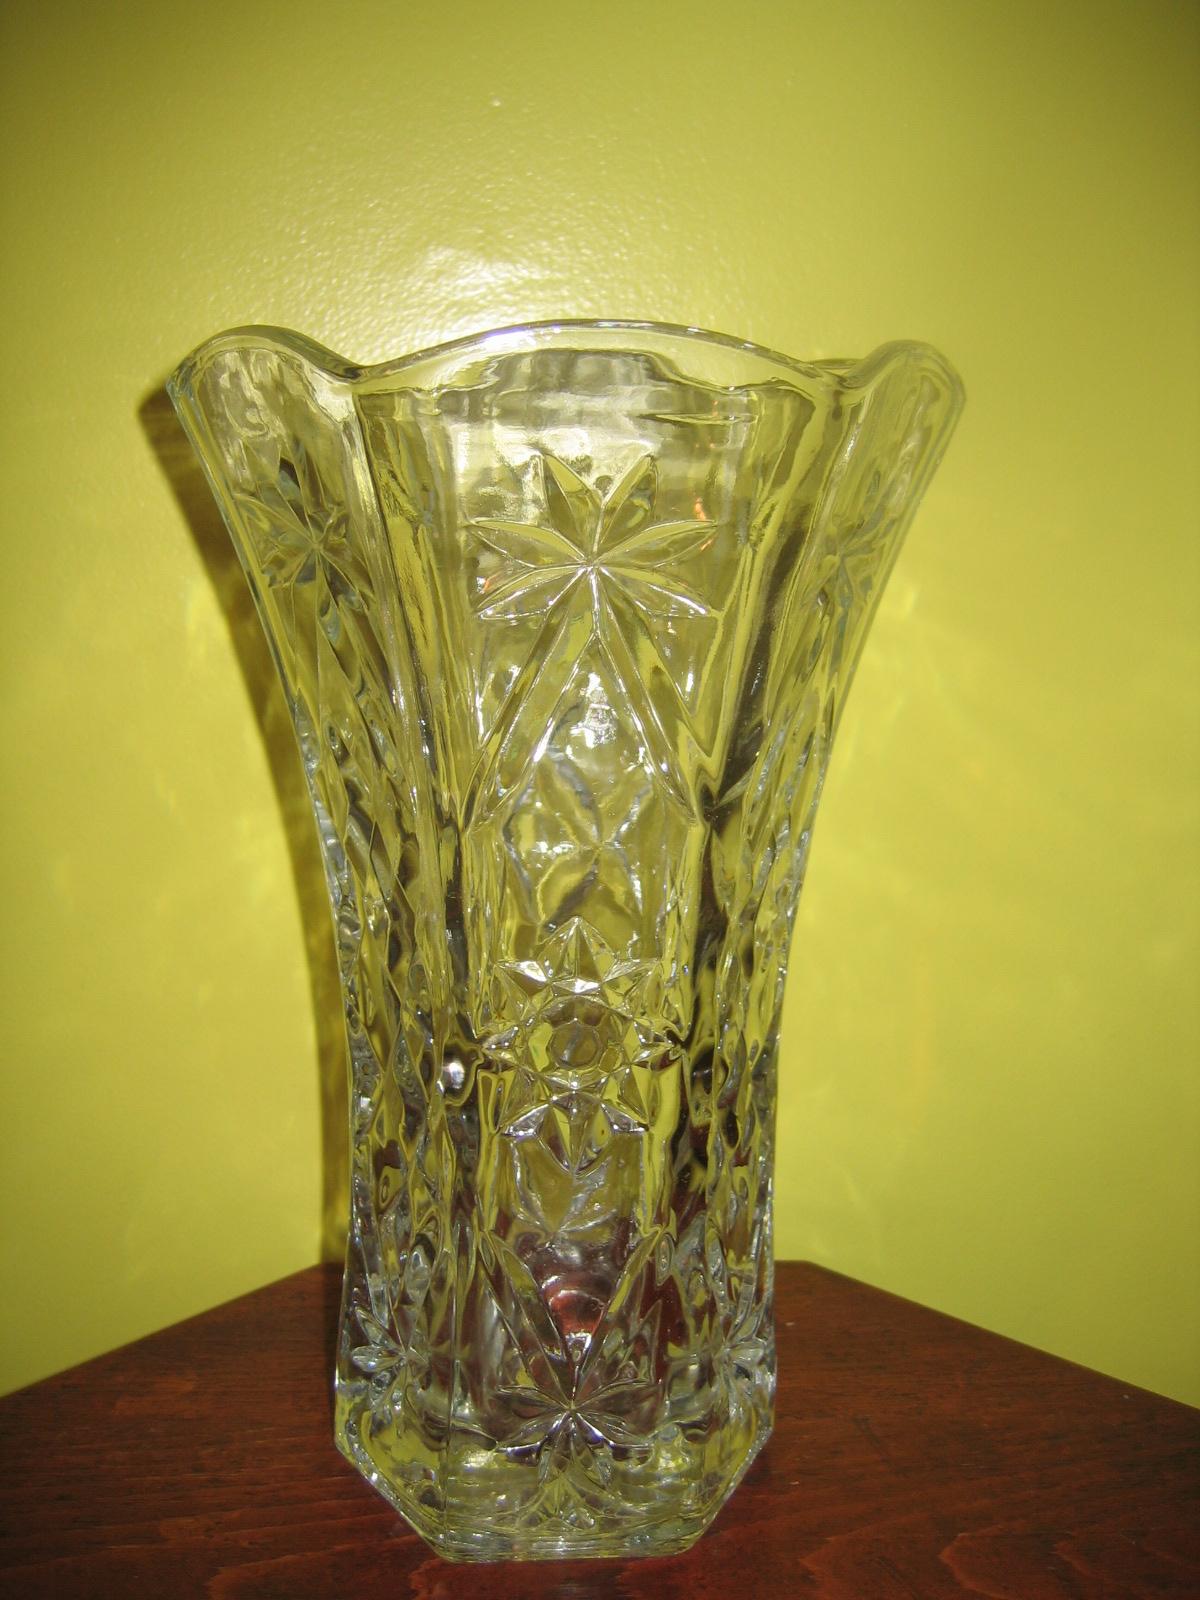 Vintage Clear Cut Glass Flower Vase Item 1022 For Sale